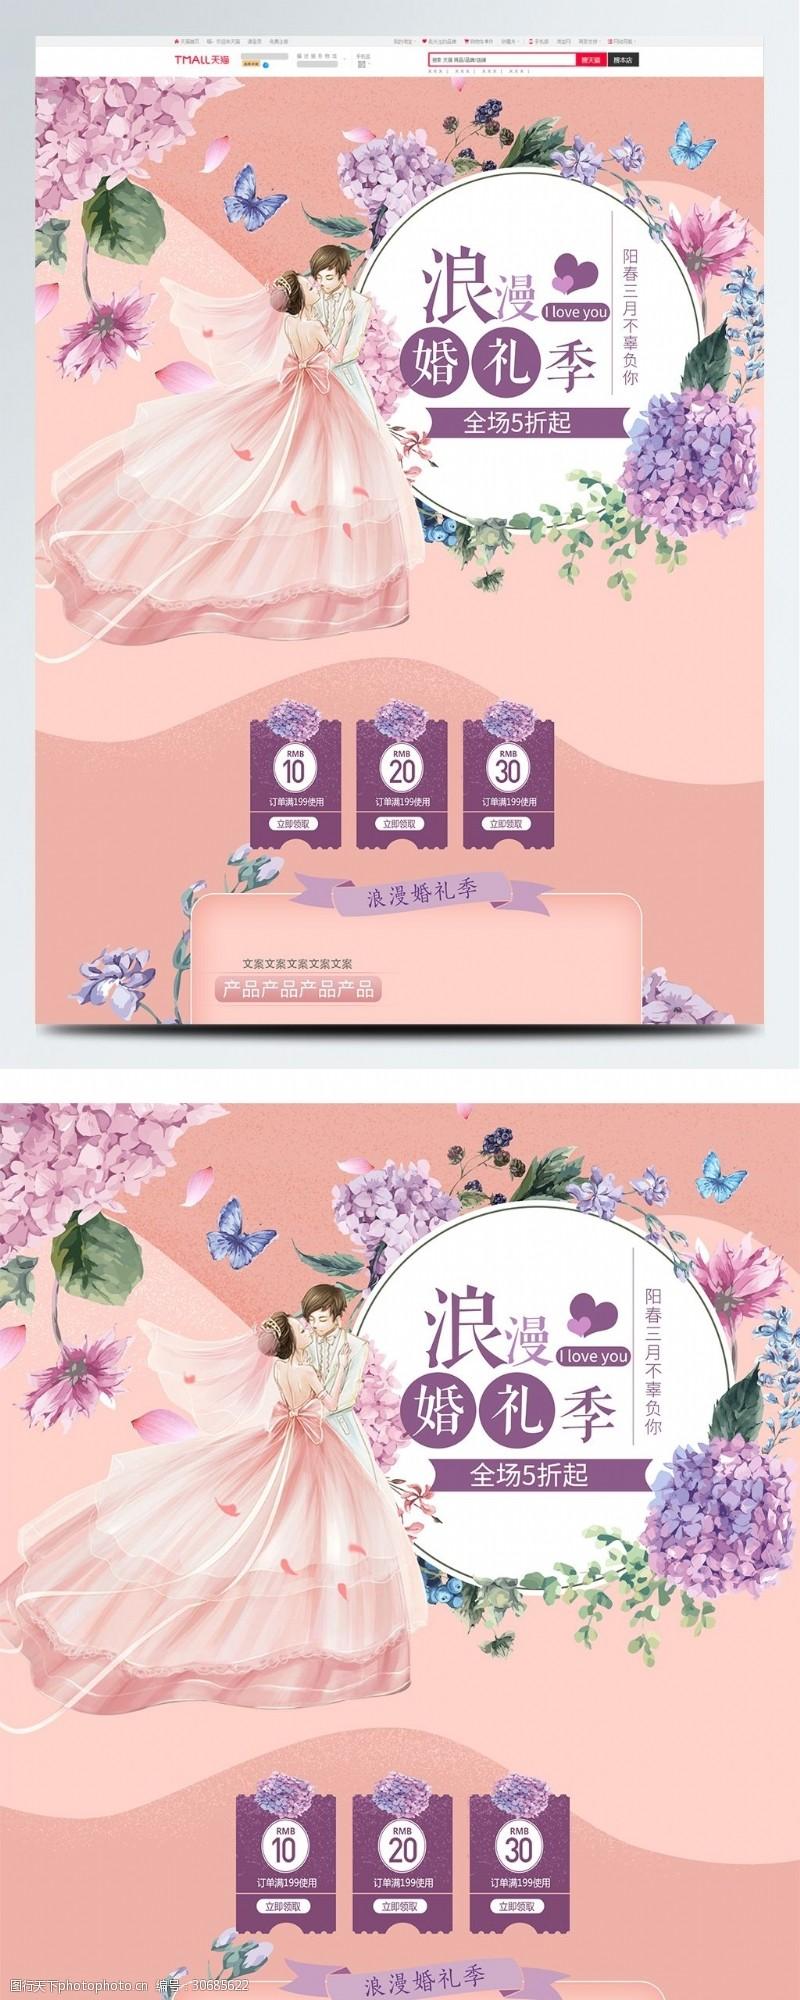 情侣模板紫色花朵浪漫婚礼季淘宝婚博会首页